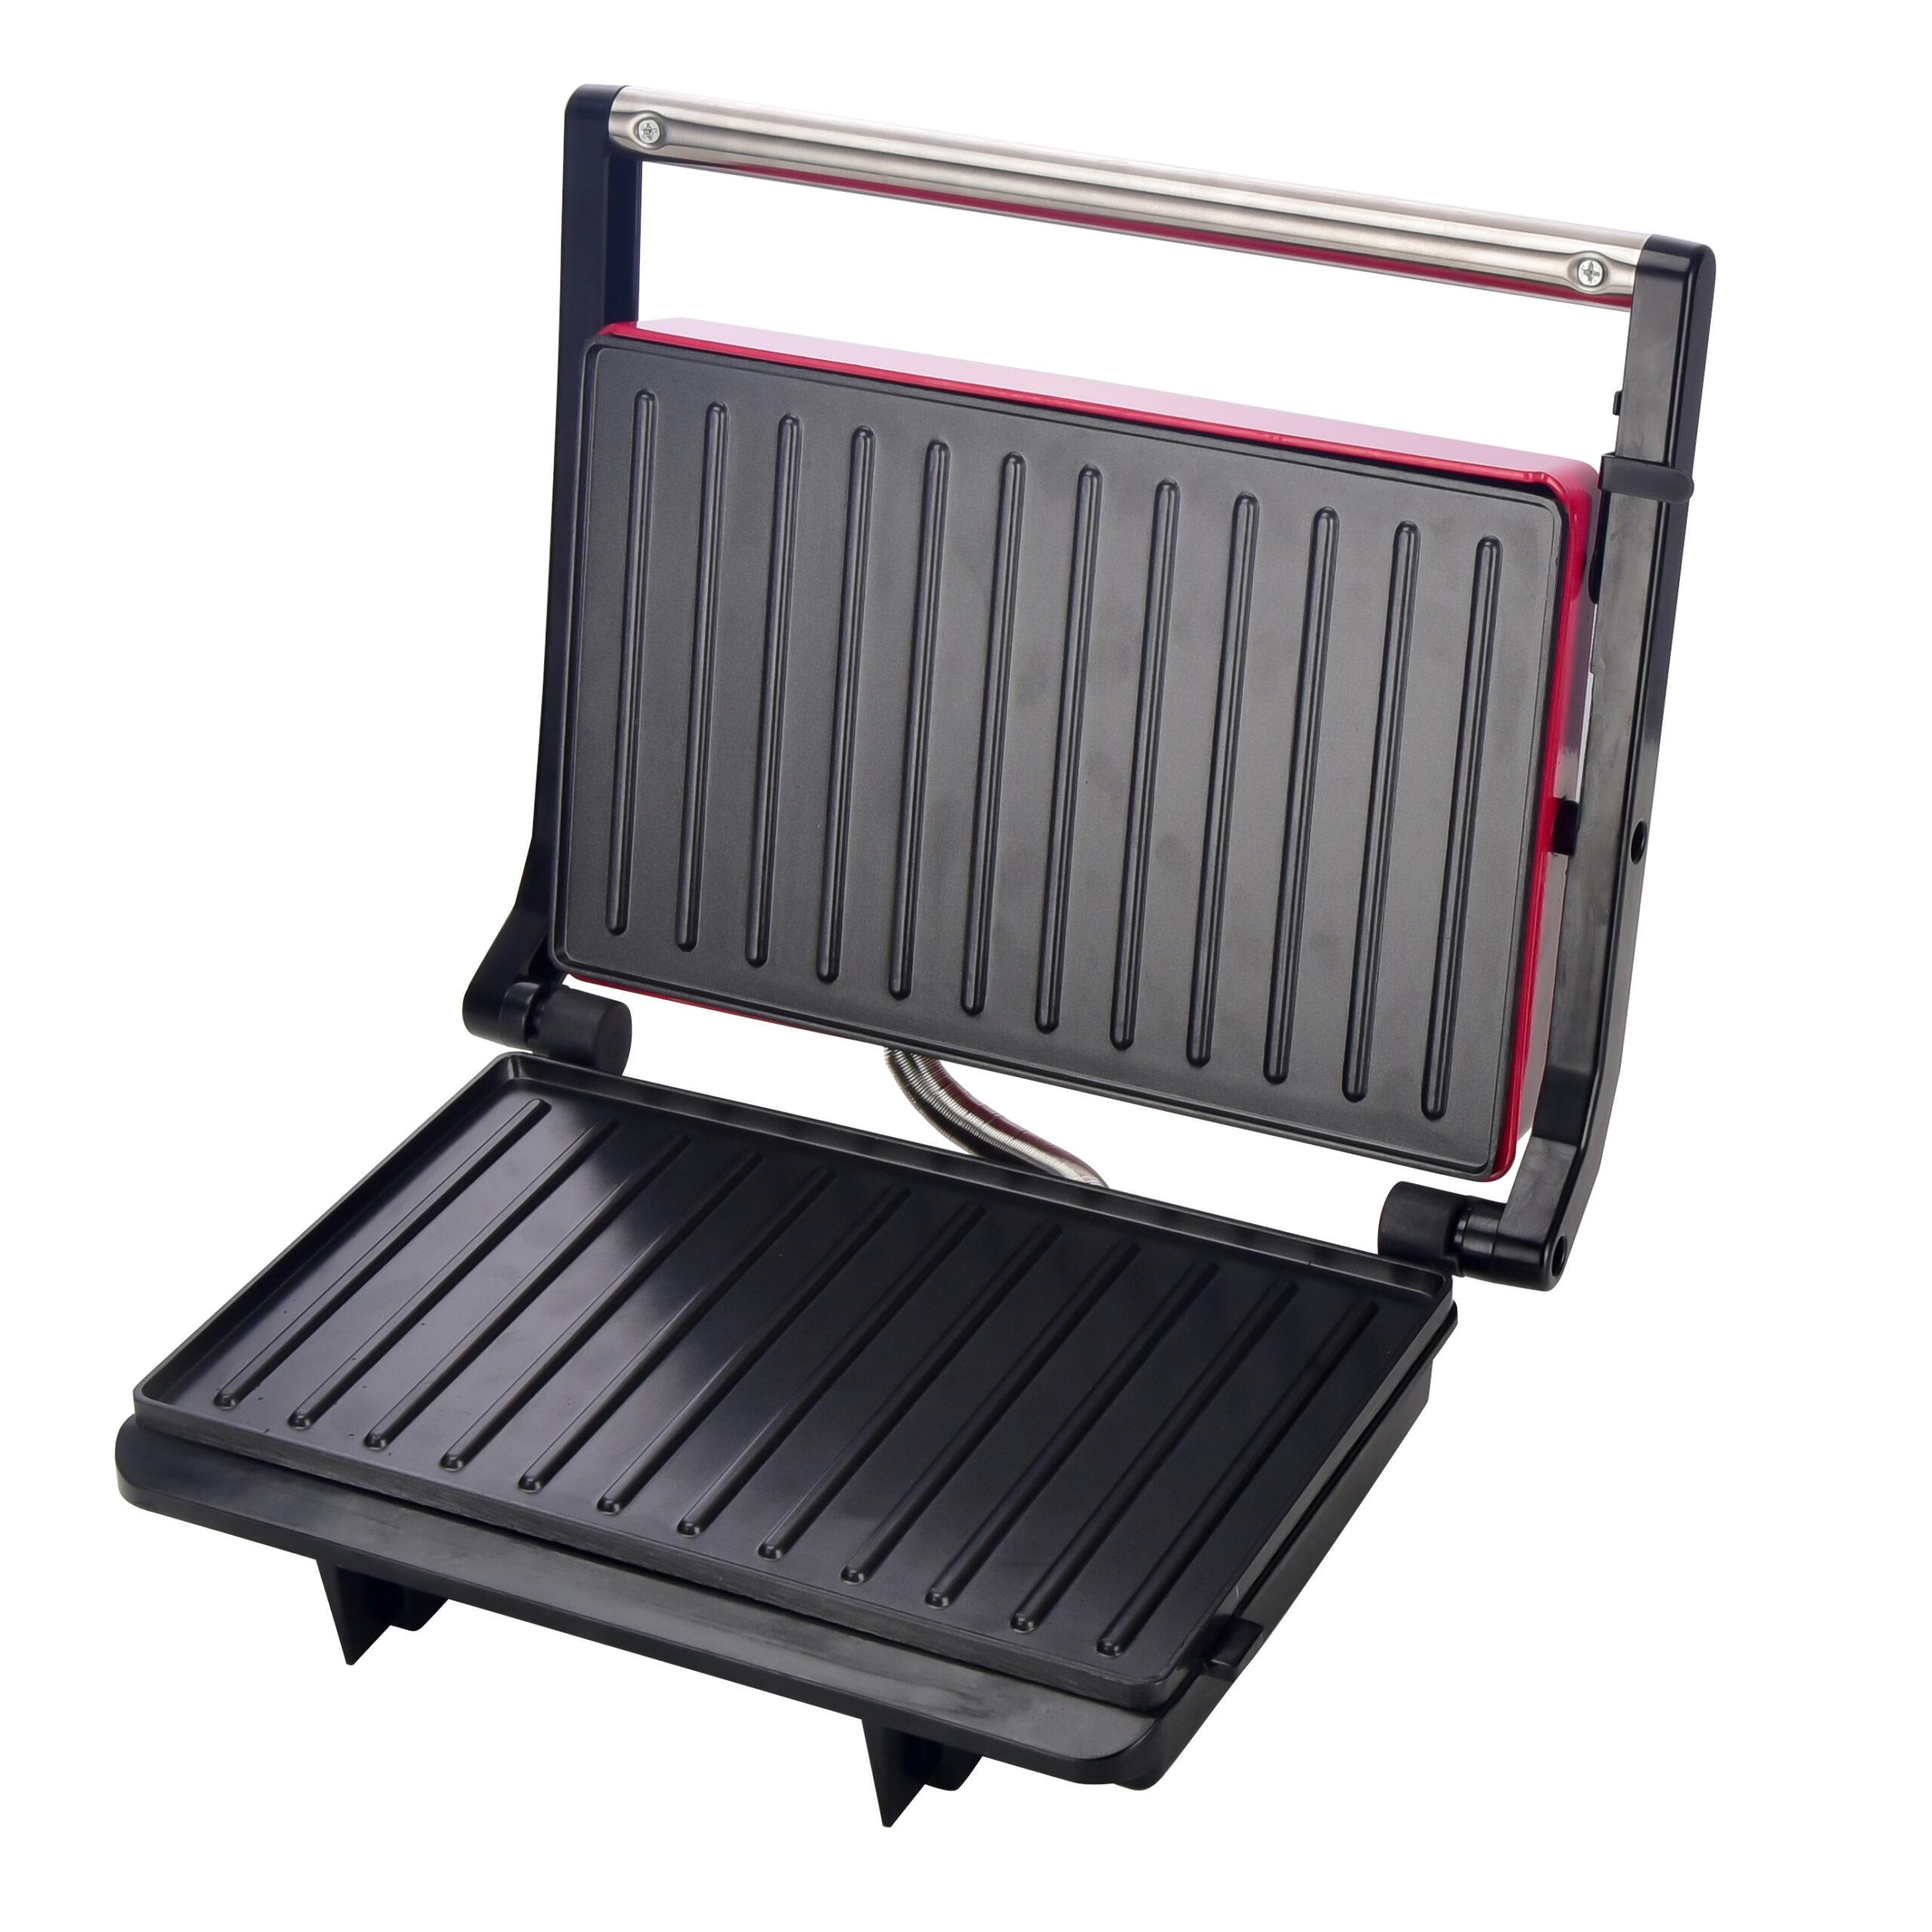 Plancha grill 850W BN3370